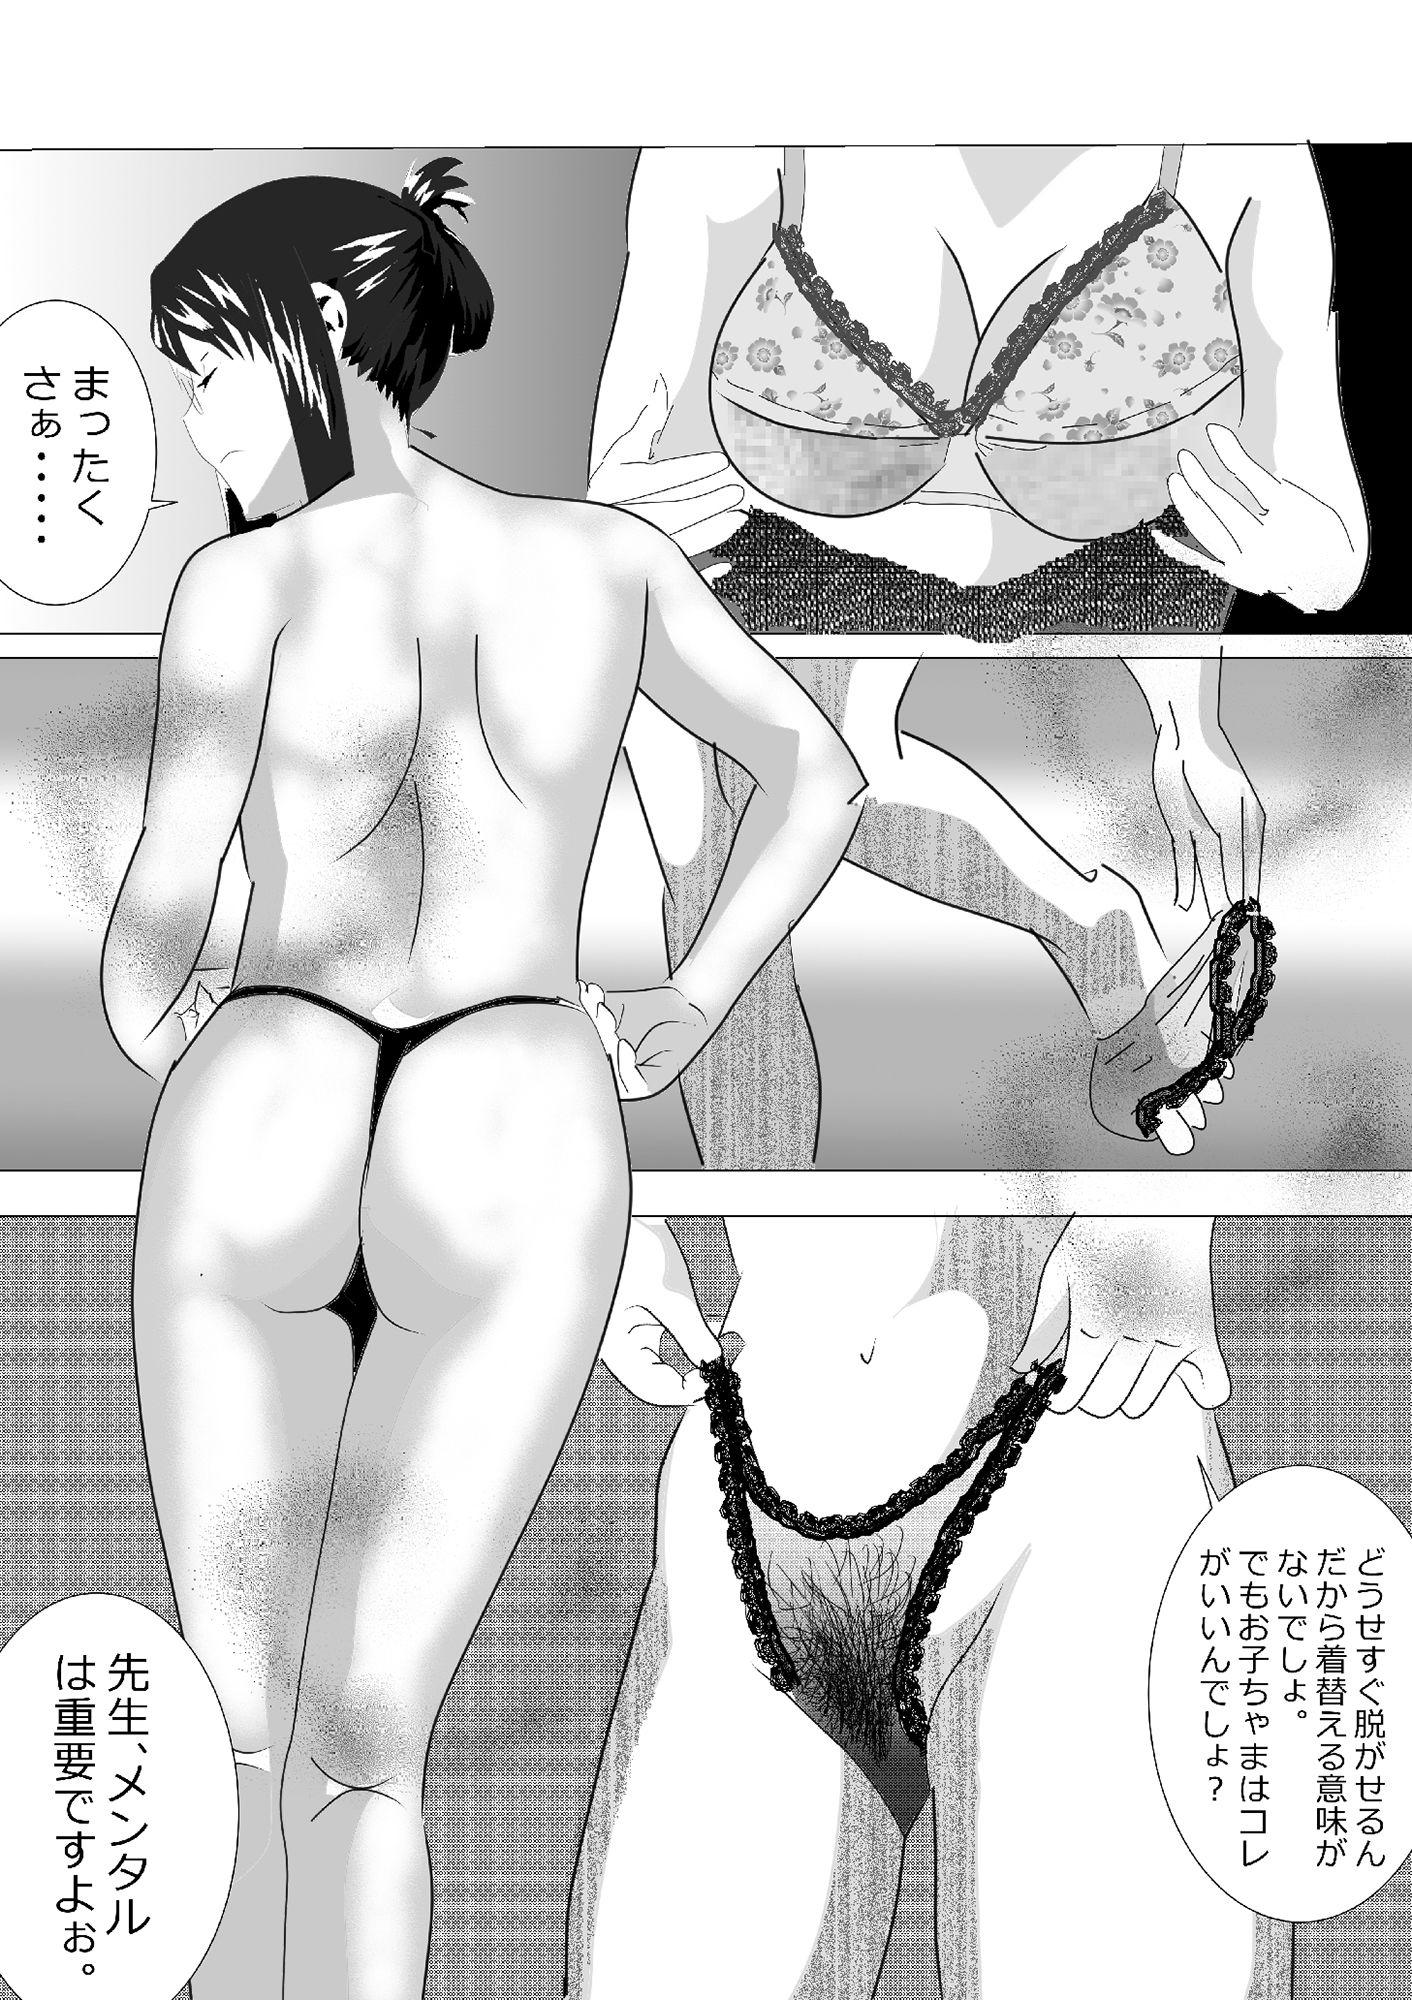 サンプル画像2:寝取られ女教師 2021 2nd(北松屋) [d_194152]